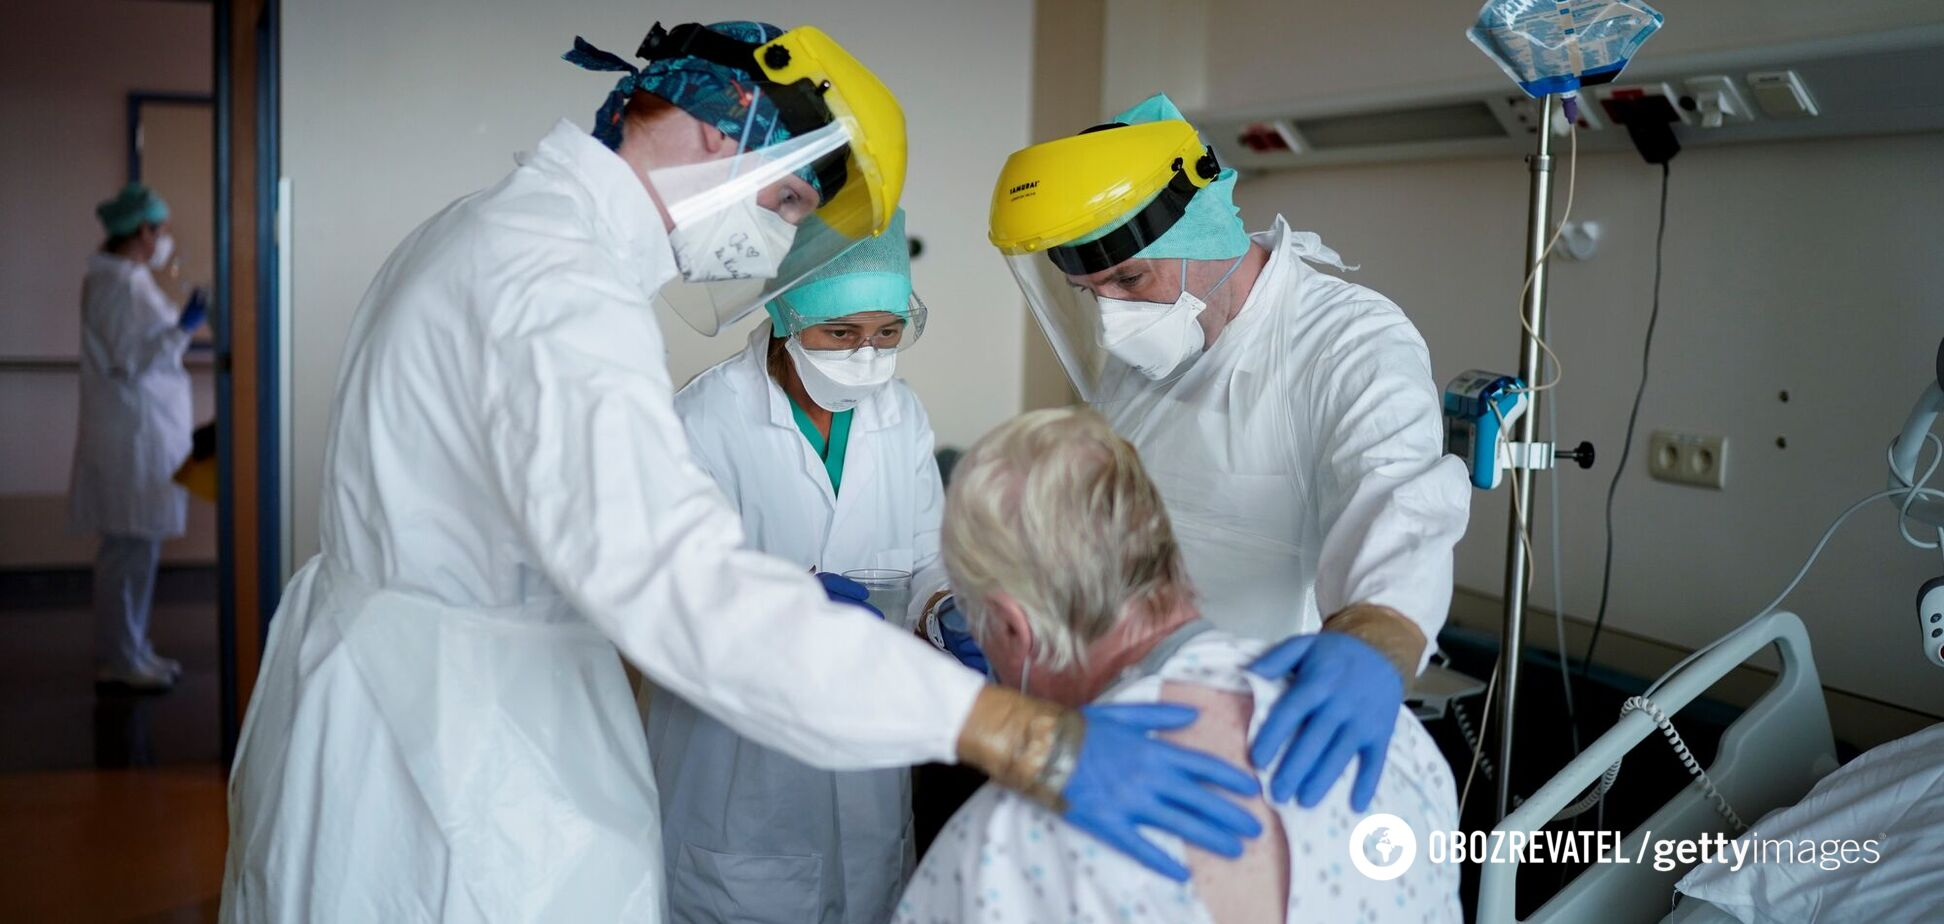 У Бельгії різкий сплеск коронавірусу – кількість нових випадків зросла на 80%